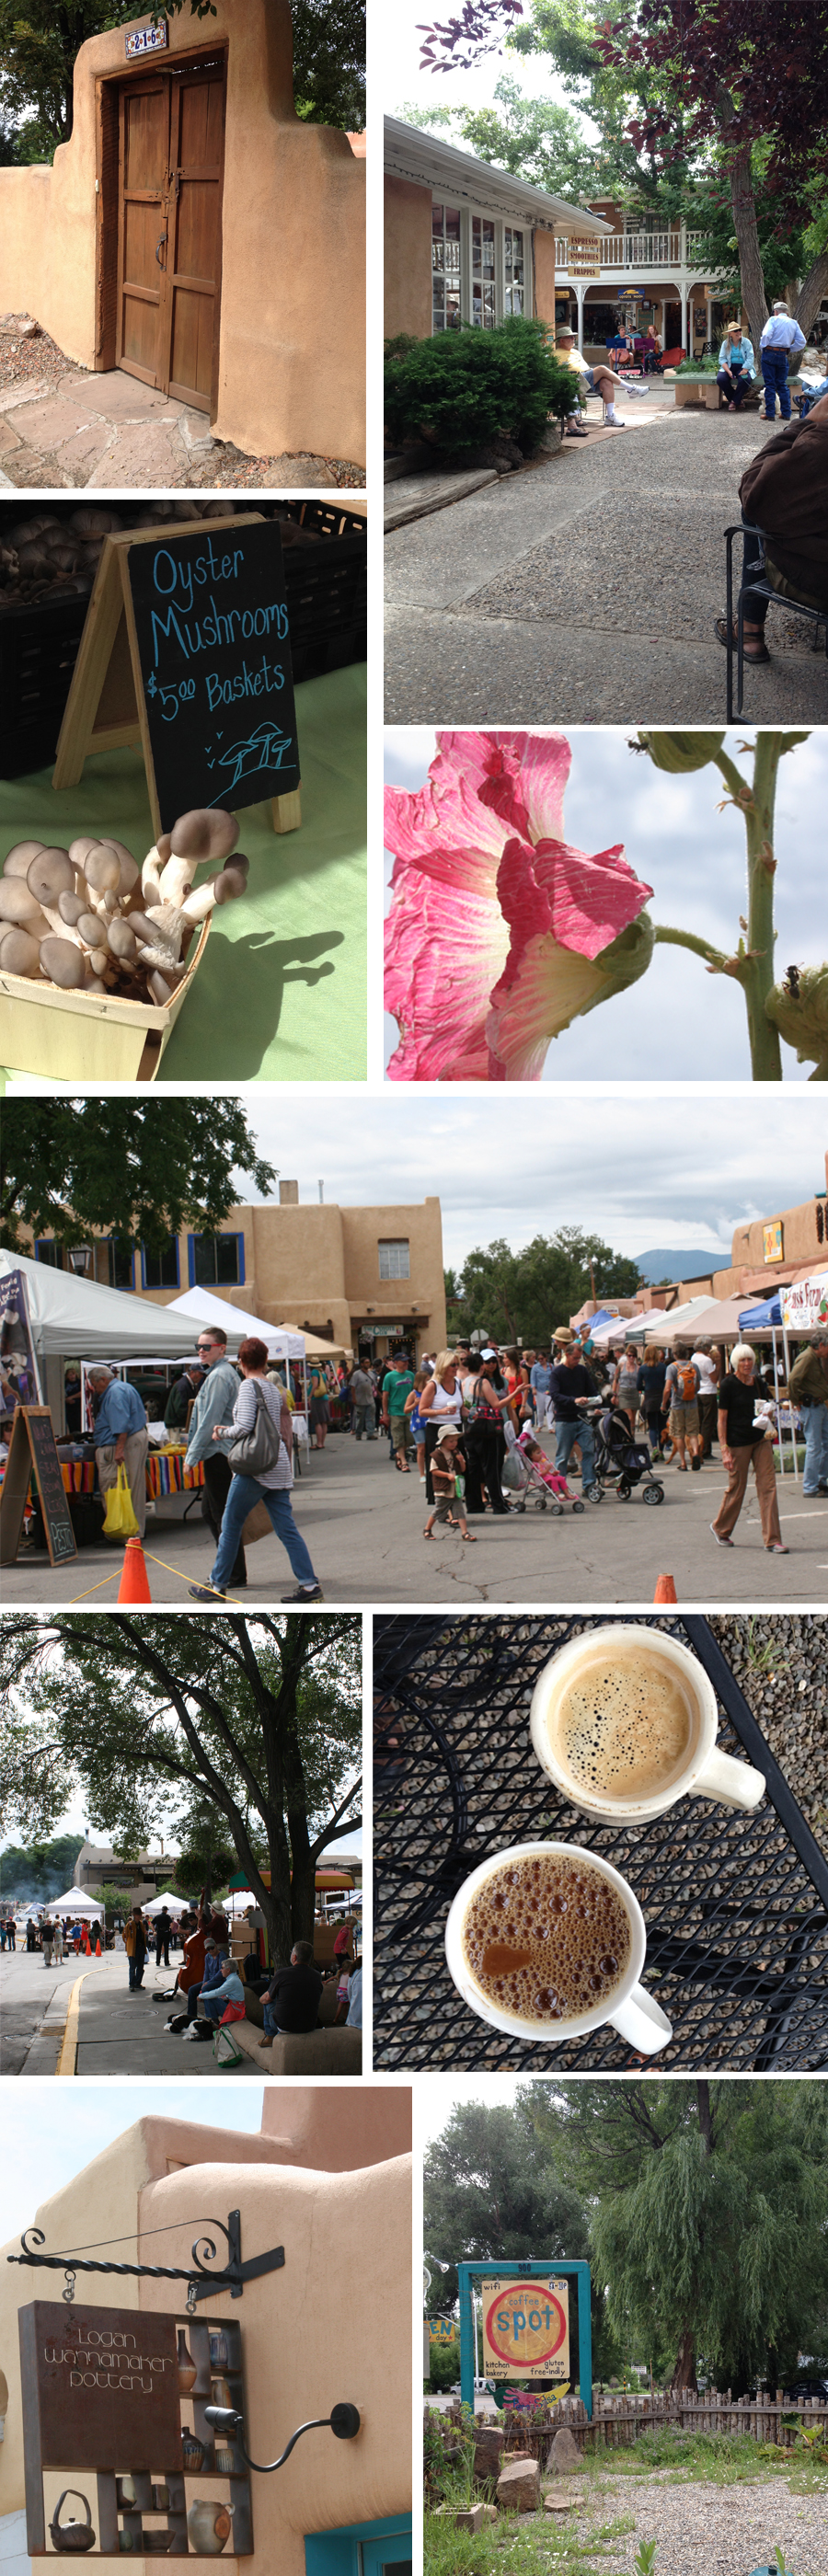 Taos New Mexico Farmers Market